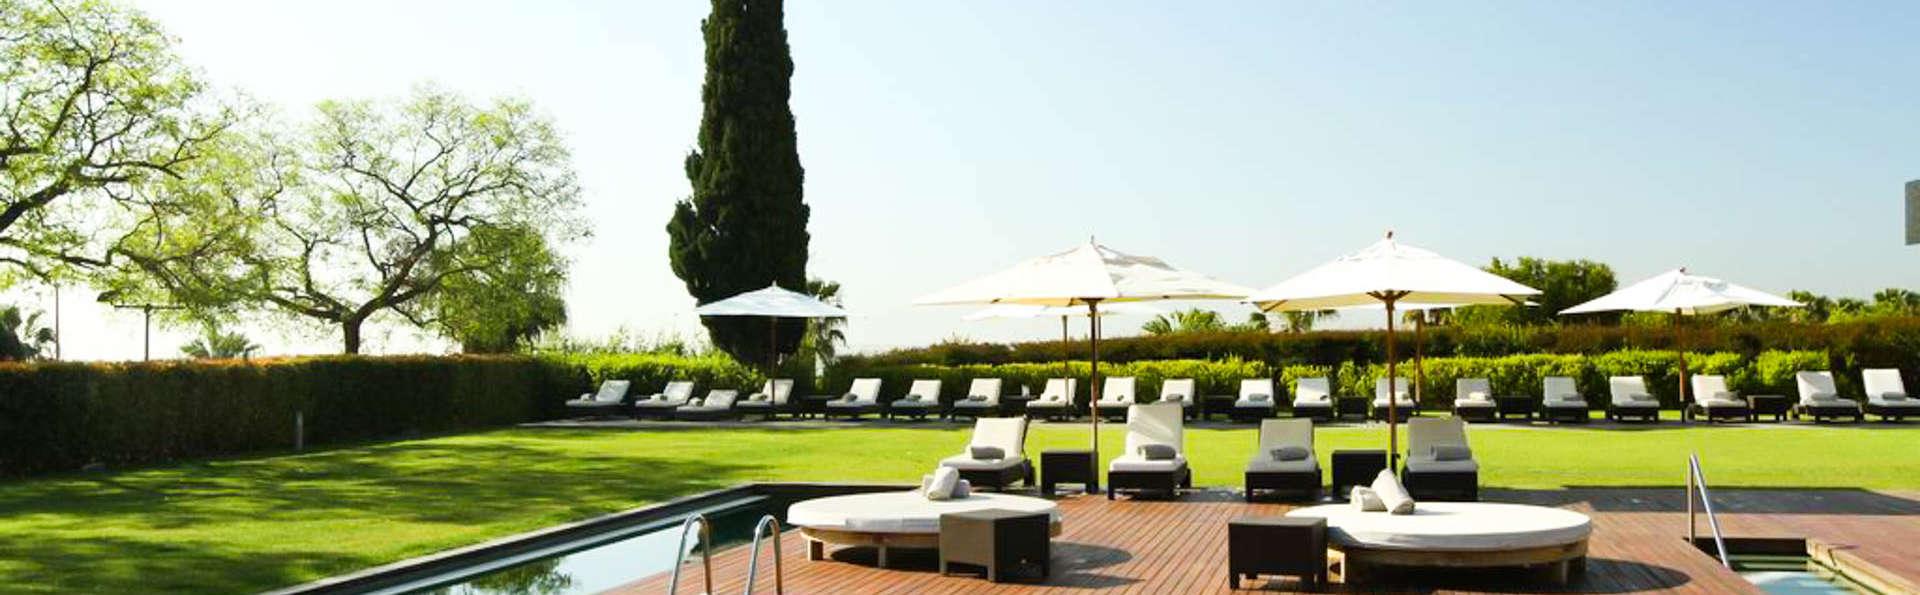 Lujo en Barcelona : Alojate en un 5* y disfruta de las vistas exclusivas al mar que ofrece el hotel